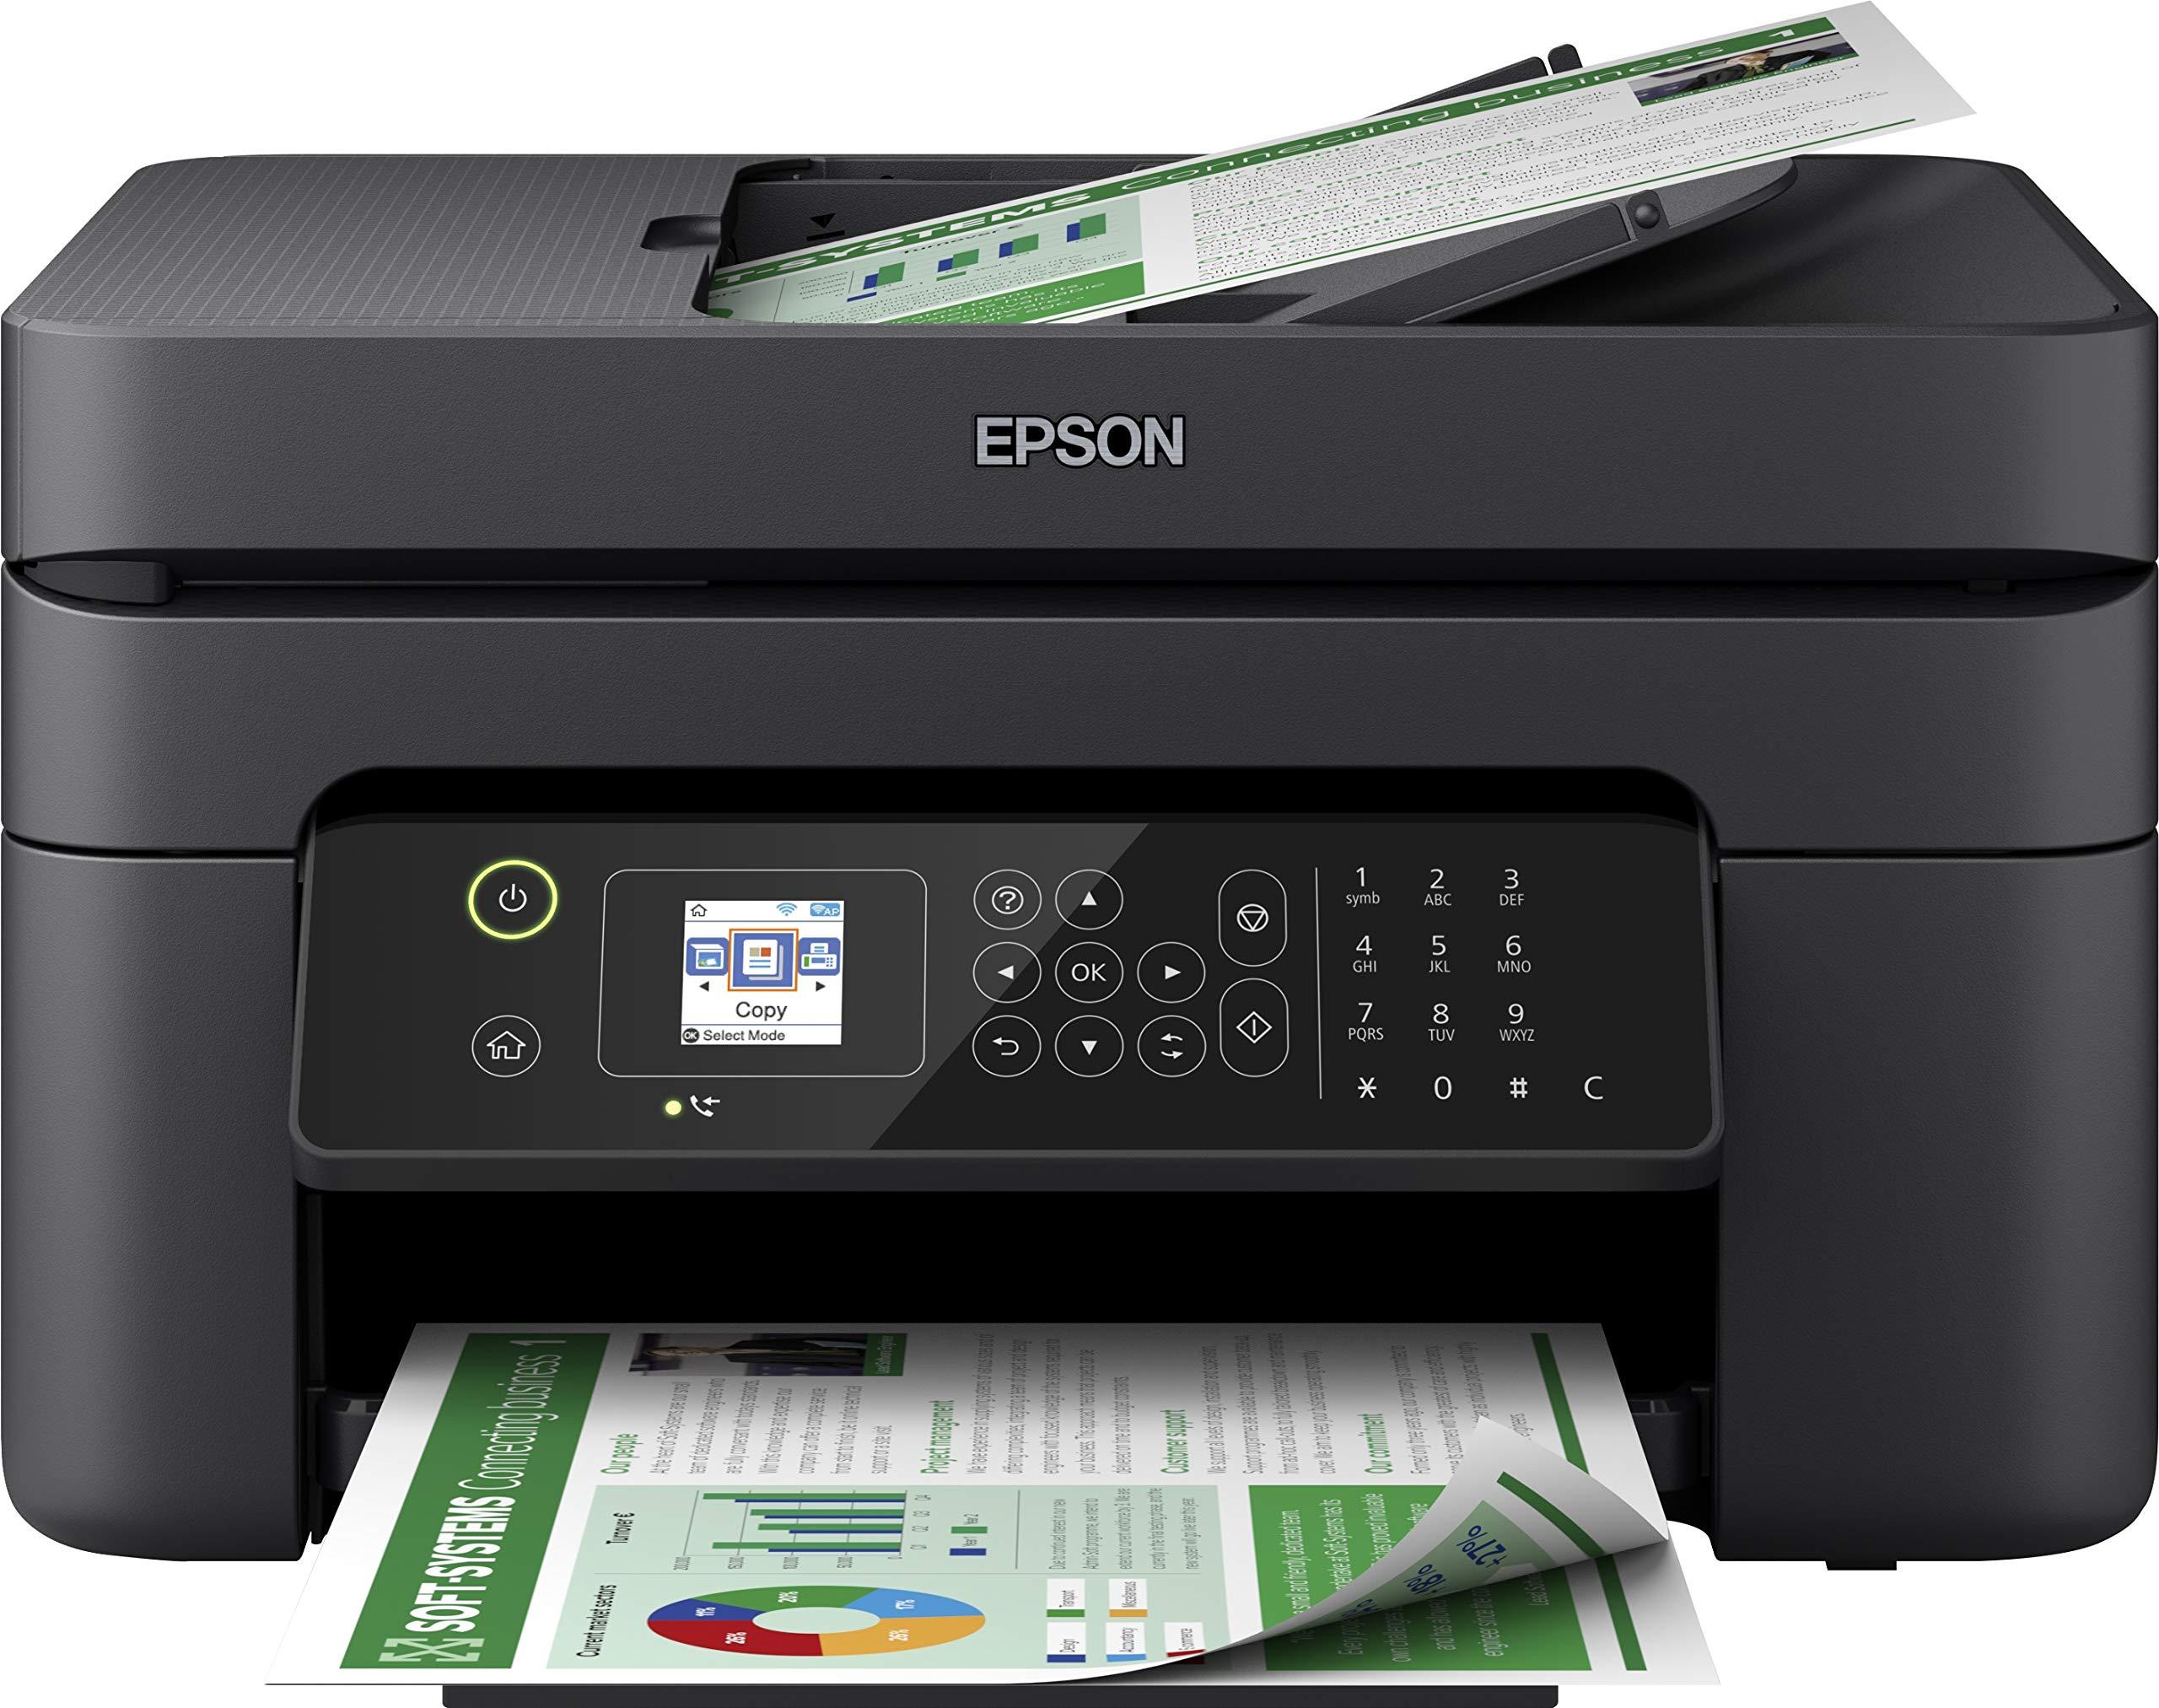 Epson WorkForce WF-2830DWF – Impresora multifunción de inyección de tinta 4 en 1 (impresora, escáner, copia, fax, ADF, WiFi, dúplex, cartuchos individuales, DIN A4), color negro